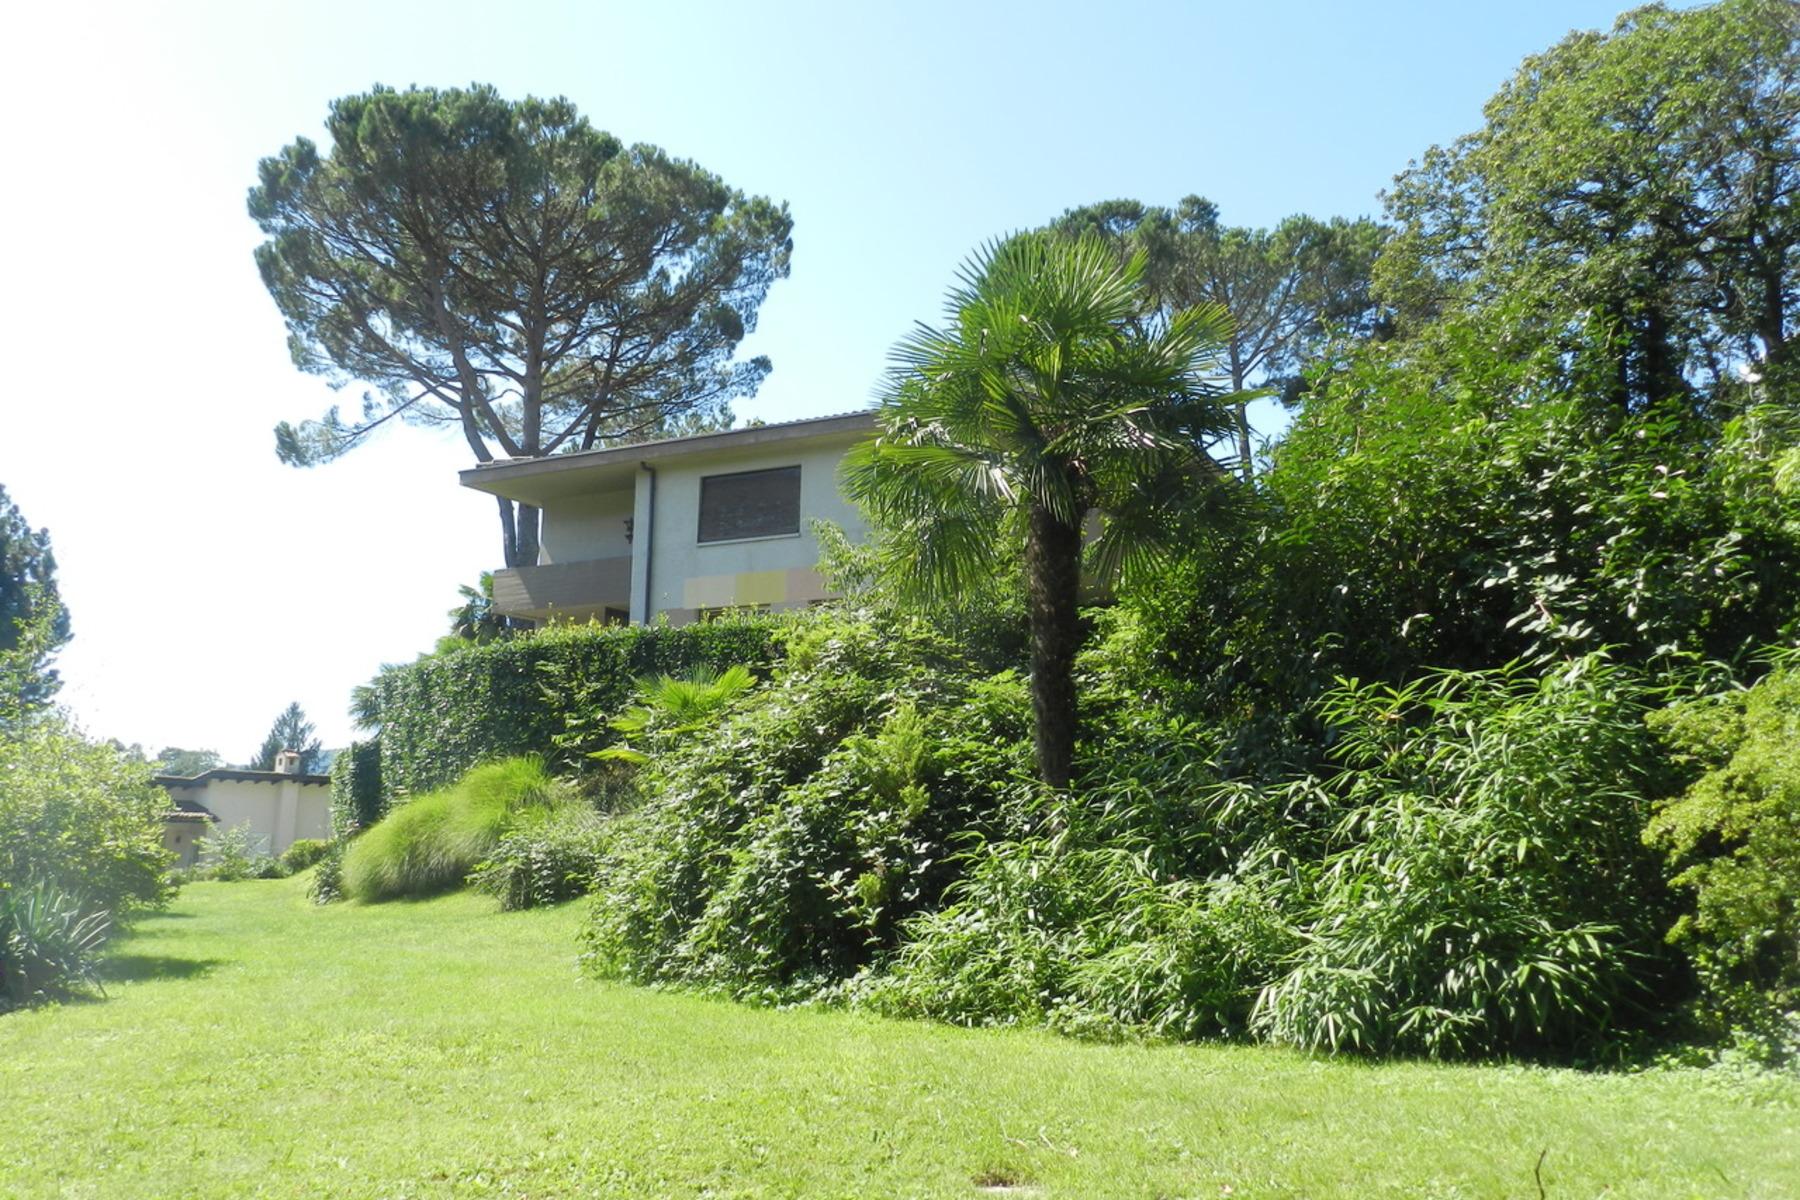 단독 가정 주택 용 매매 에 Family house in the green with large garden Origlio, Other Switzerland, 스위스의 기타 지역, 6945 스위스